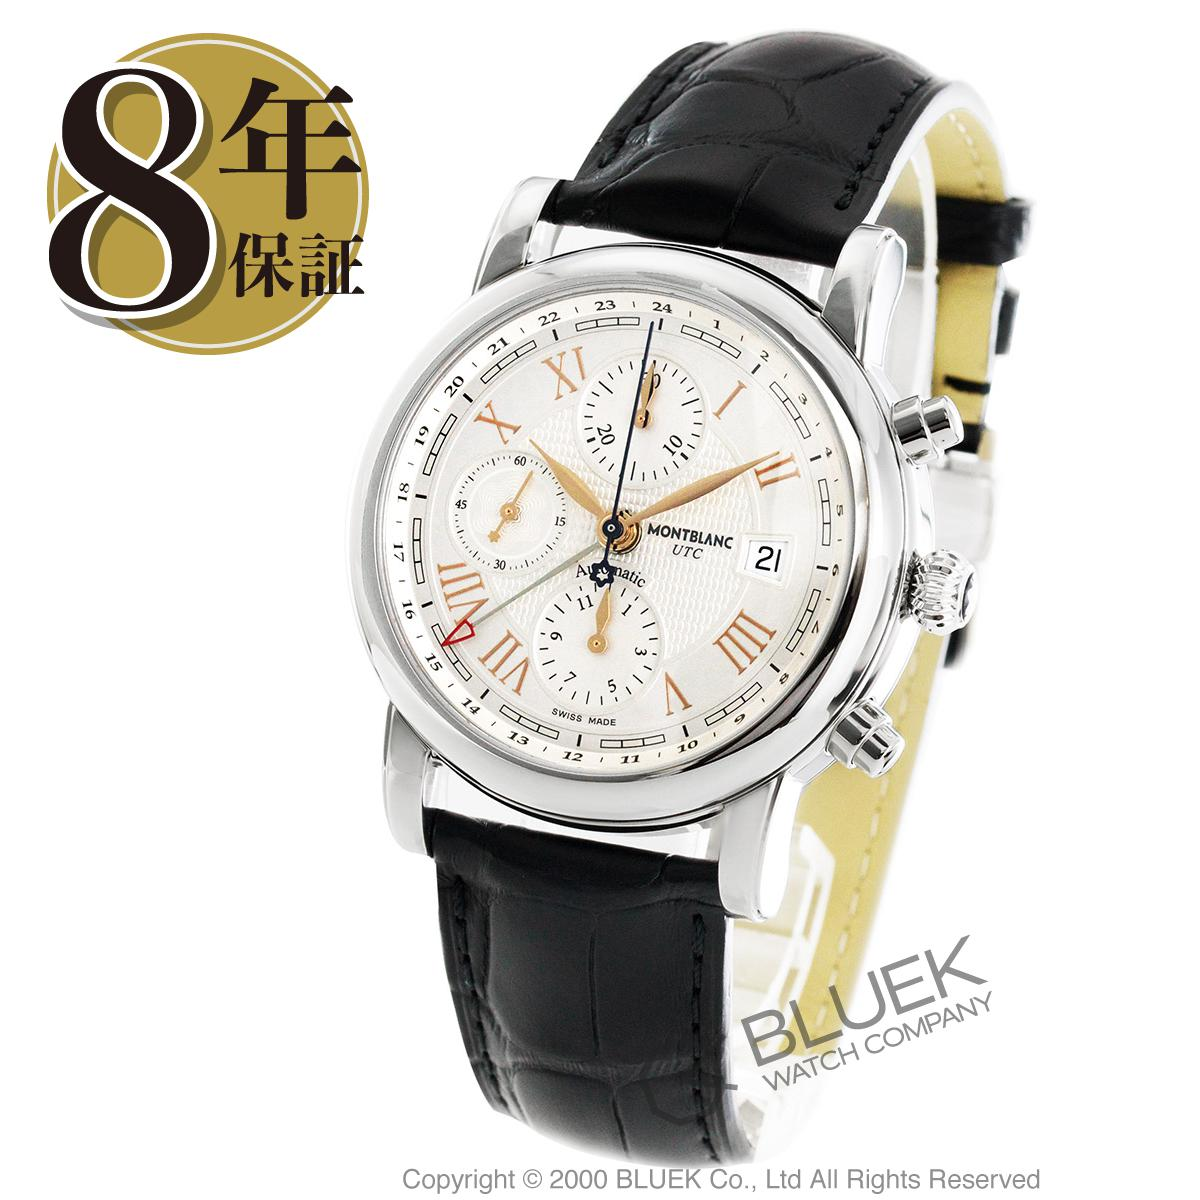 モンブラン スター クロノグラフ UTC アリゲーターレザー 腕時計 メンズ MONTBLANC 113880_8